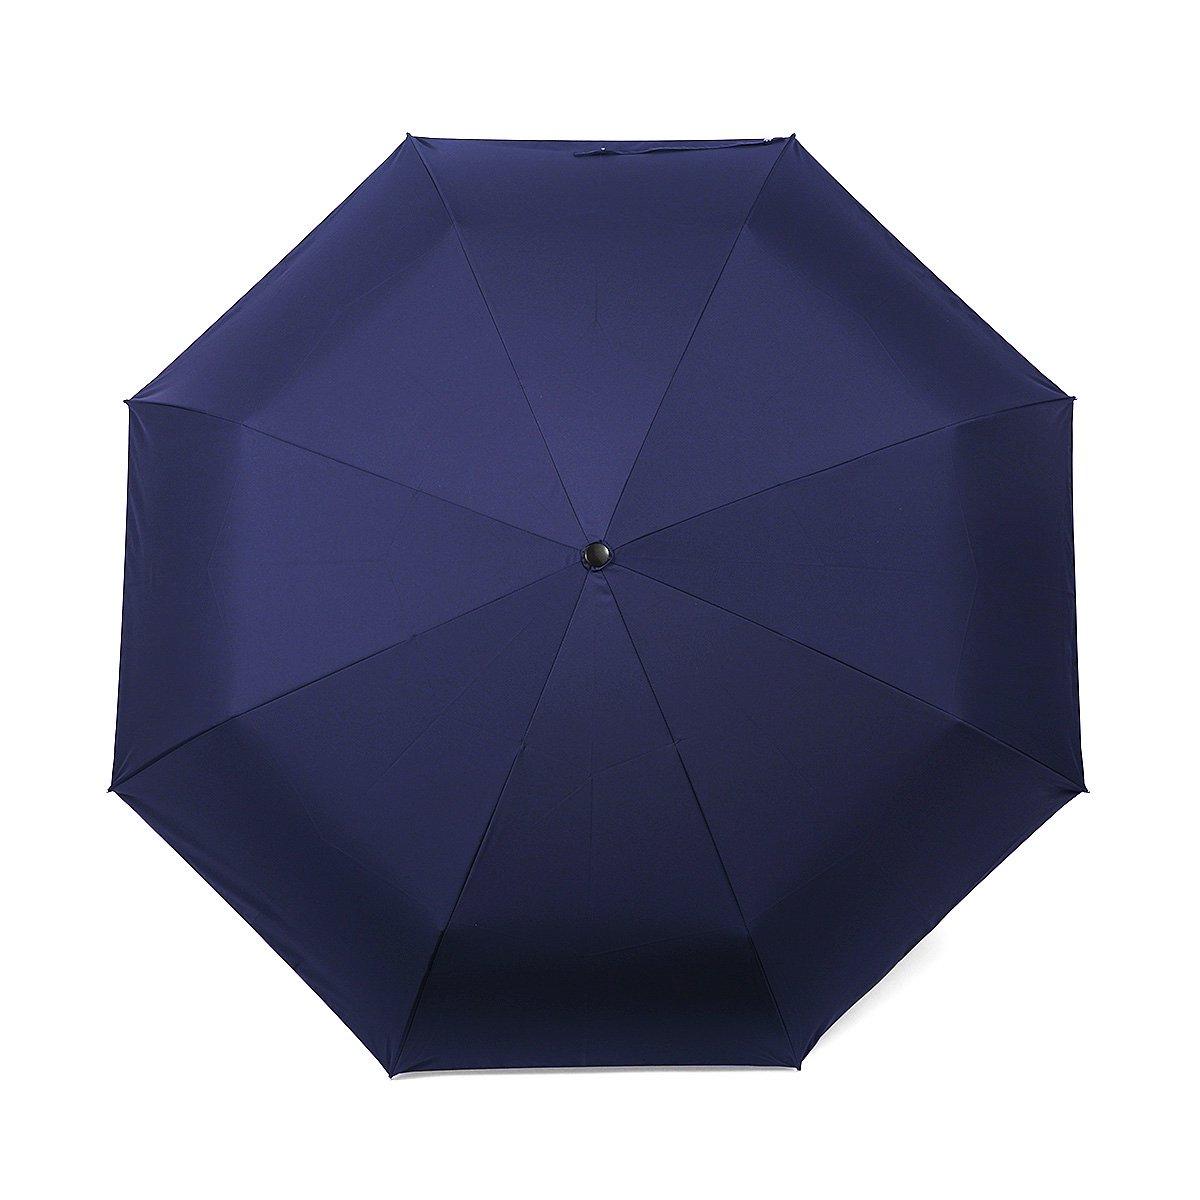 【公式限定】強力撥水 レインドロップ レクタス 耐風骨 折りたたみ傘 詳細画像5